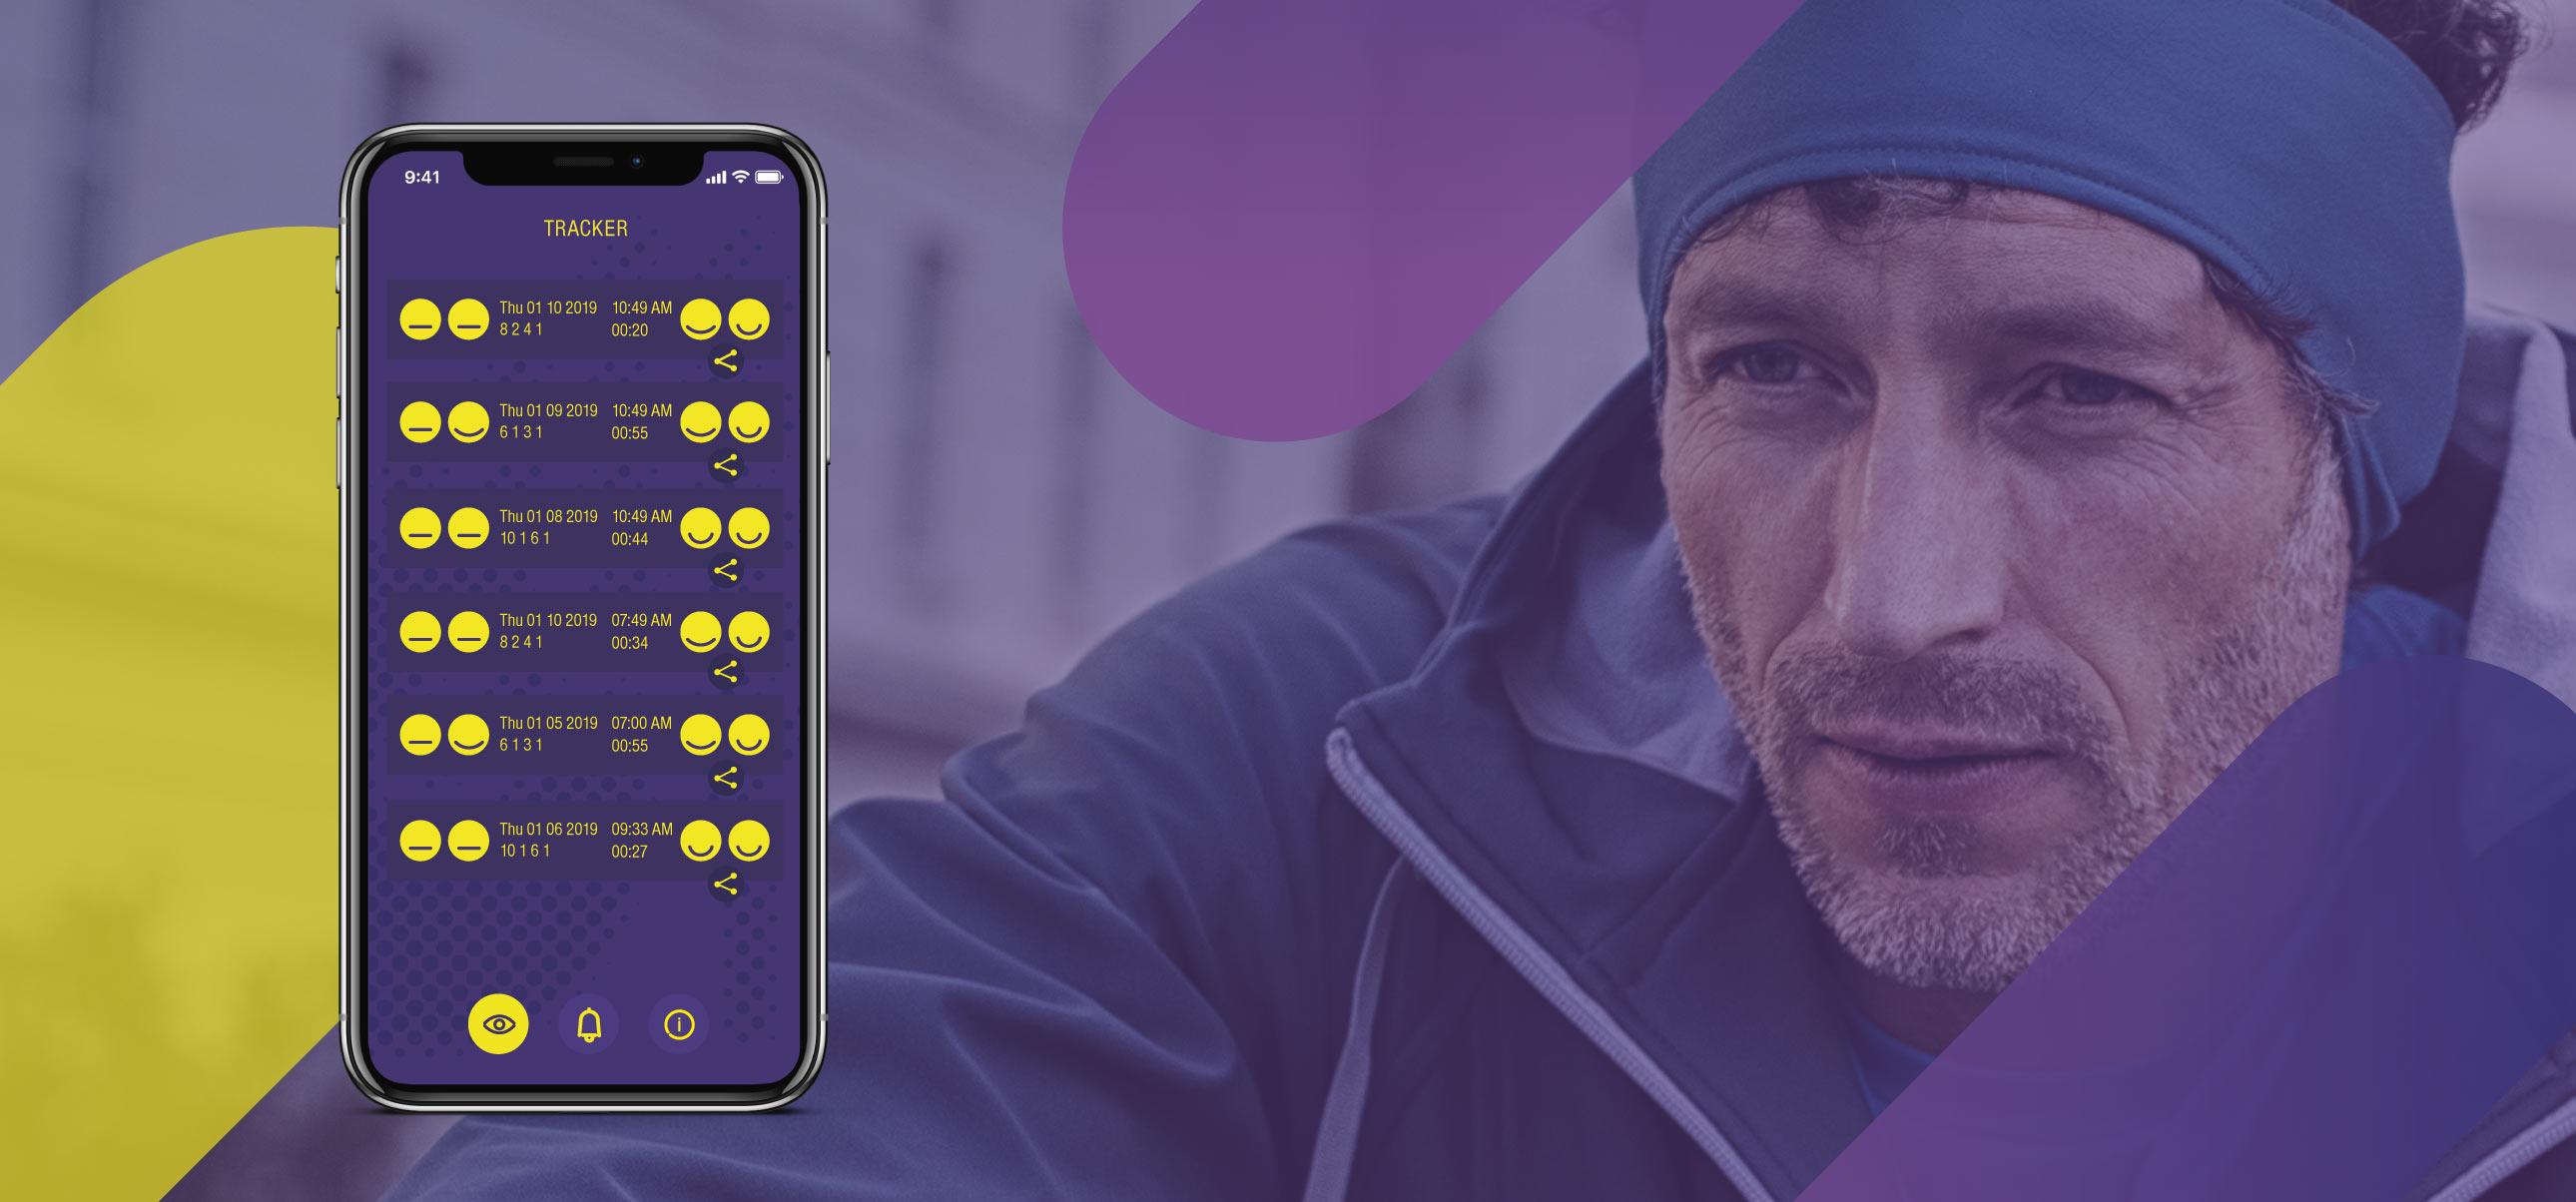 Breathe IN, Mind ON App Tracker